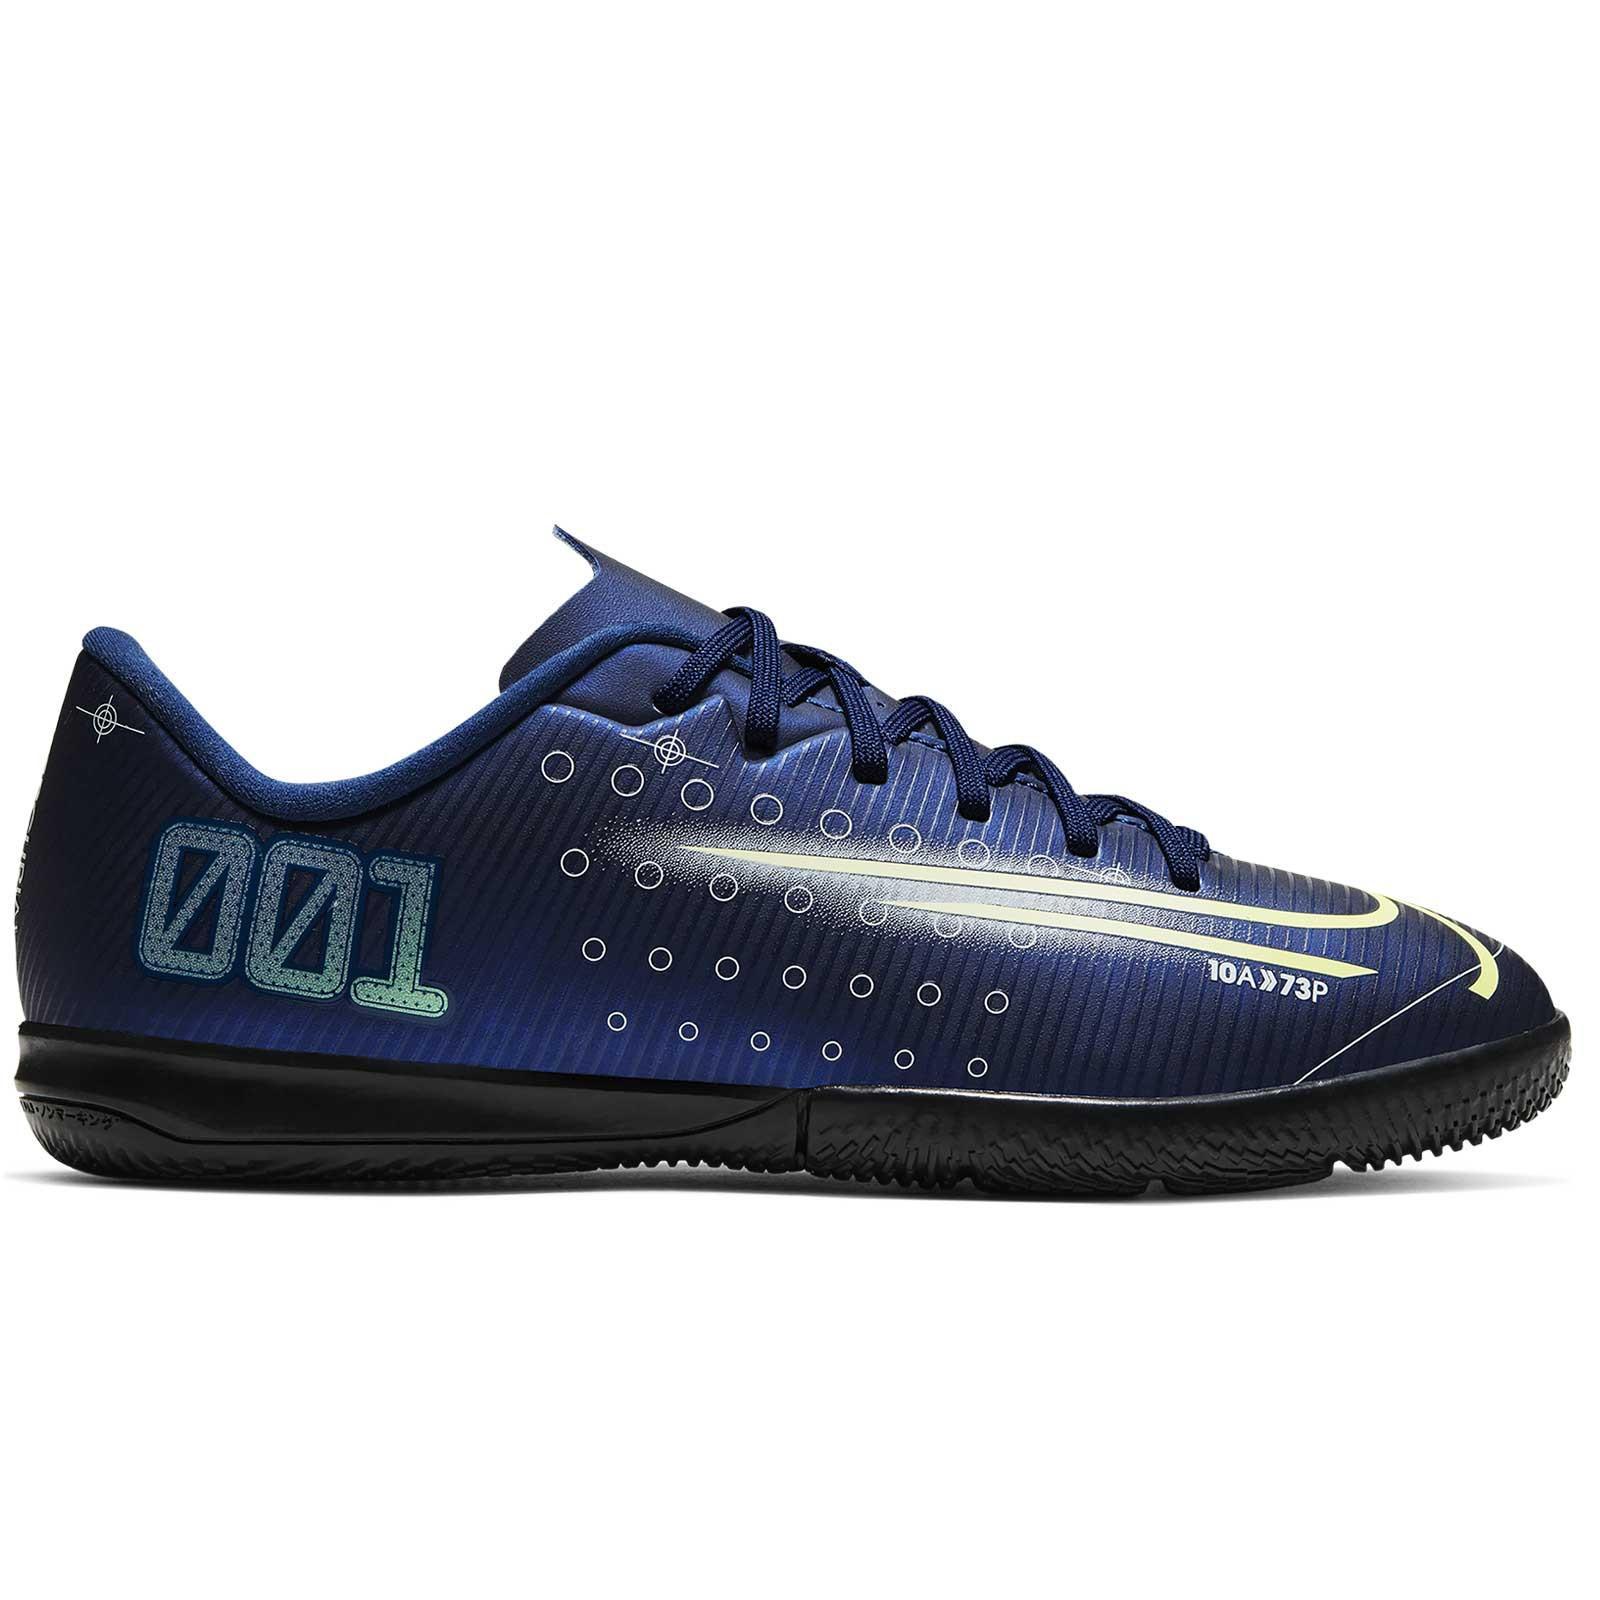 Najlepsze miejsce super promocje 100% najwyższej jakości Nike Mercurial Vapor 13 Academy MDS IC Junior CJ1175-401